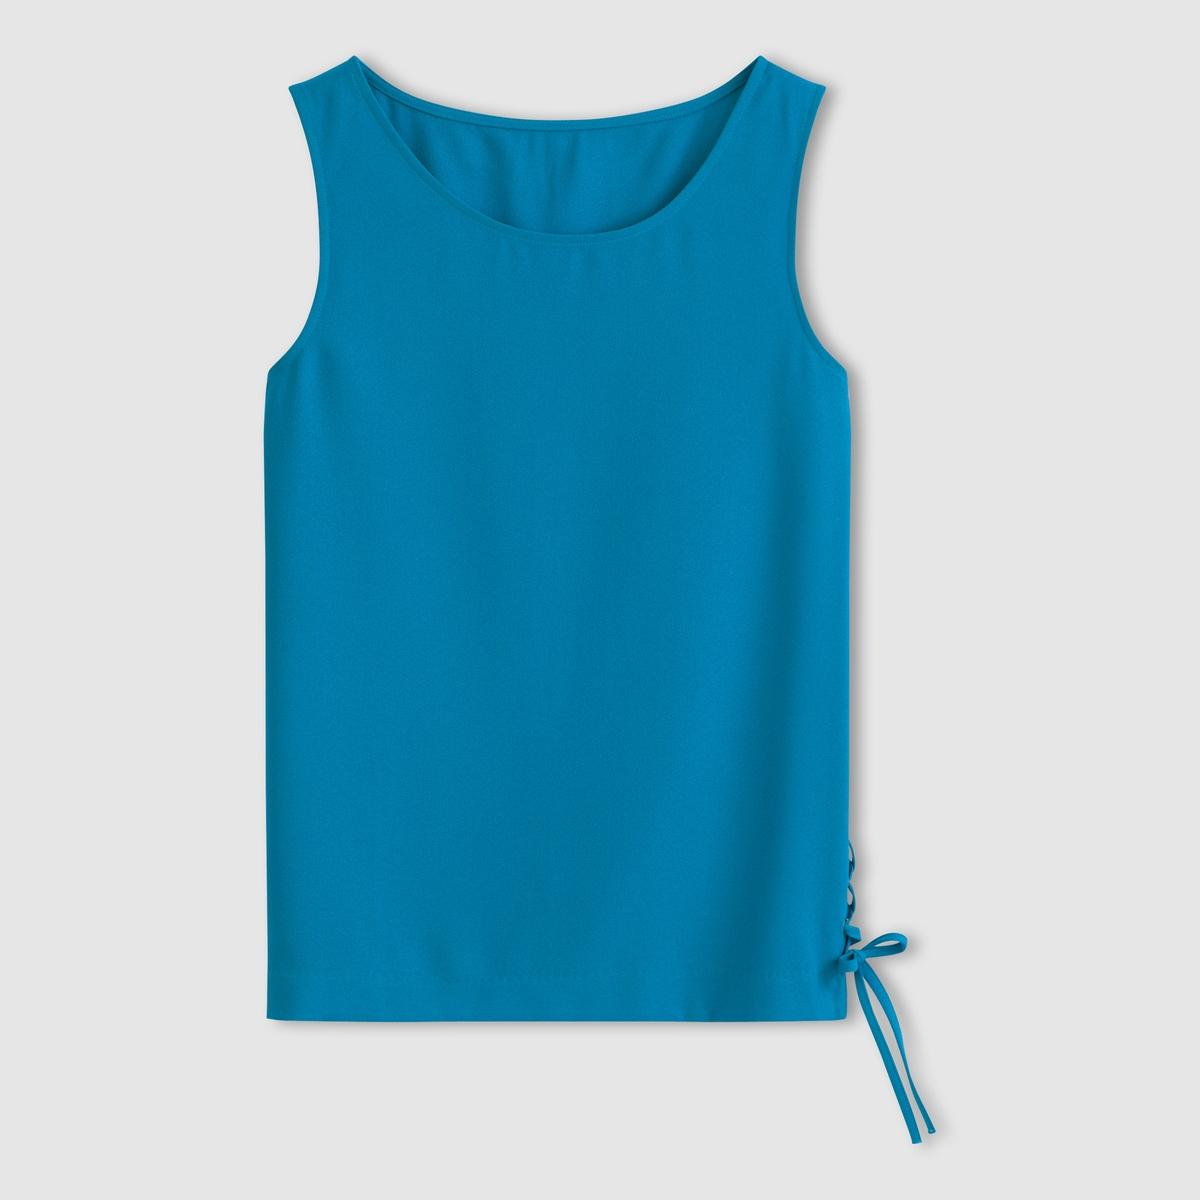 Блузка со шнуровкой сбоку, без рукавов